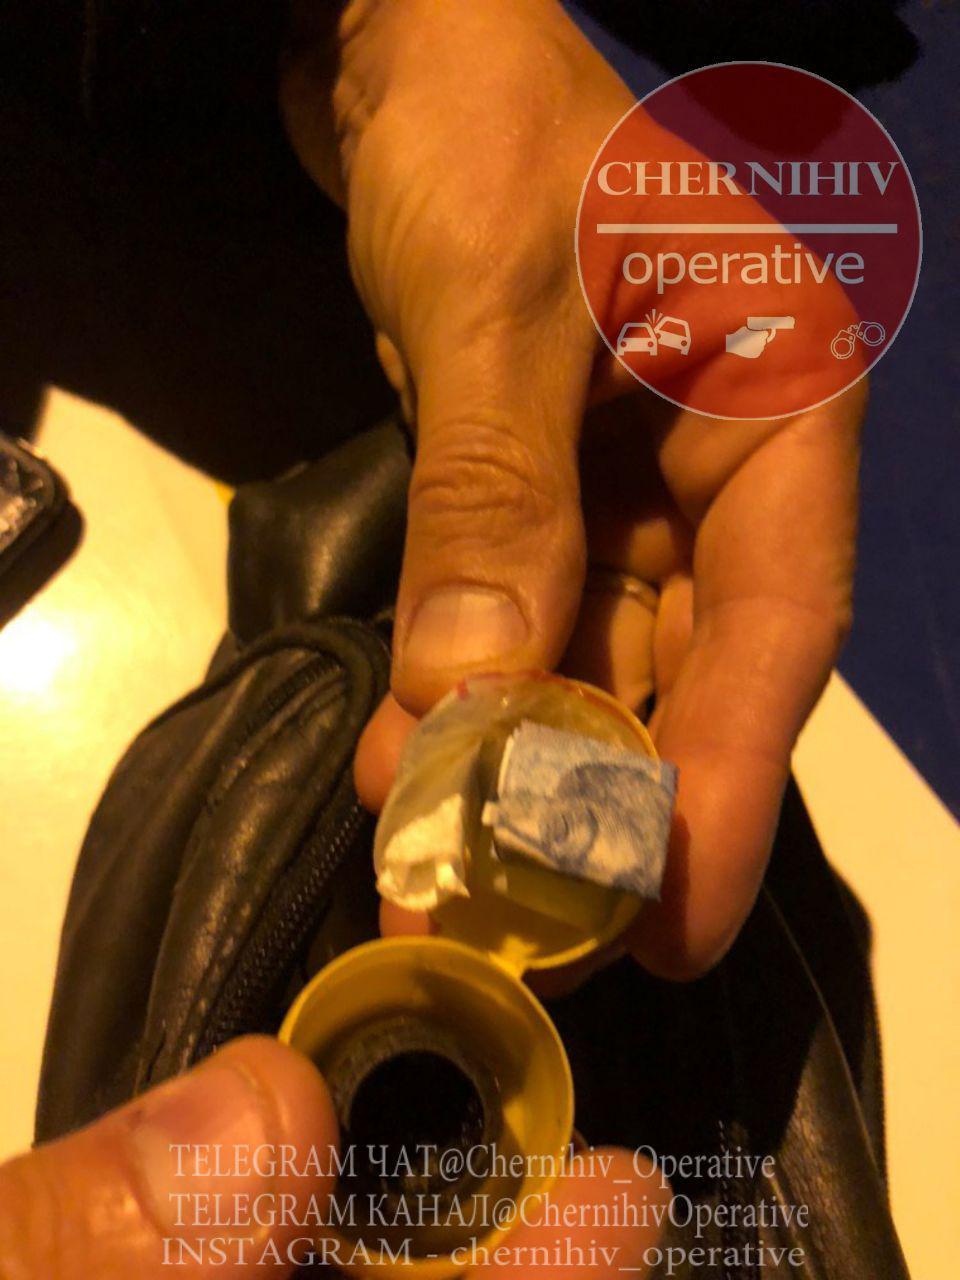 У 30-річної чернігівки виявили наркотики (Фотофакт)